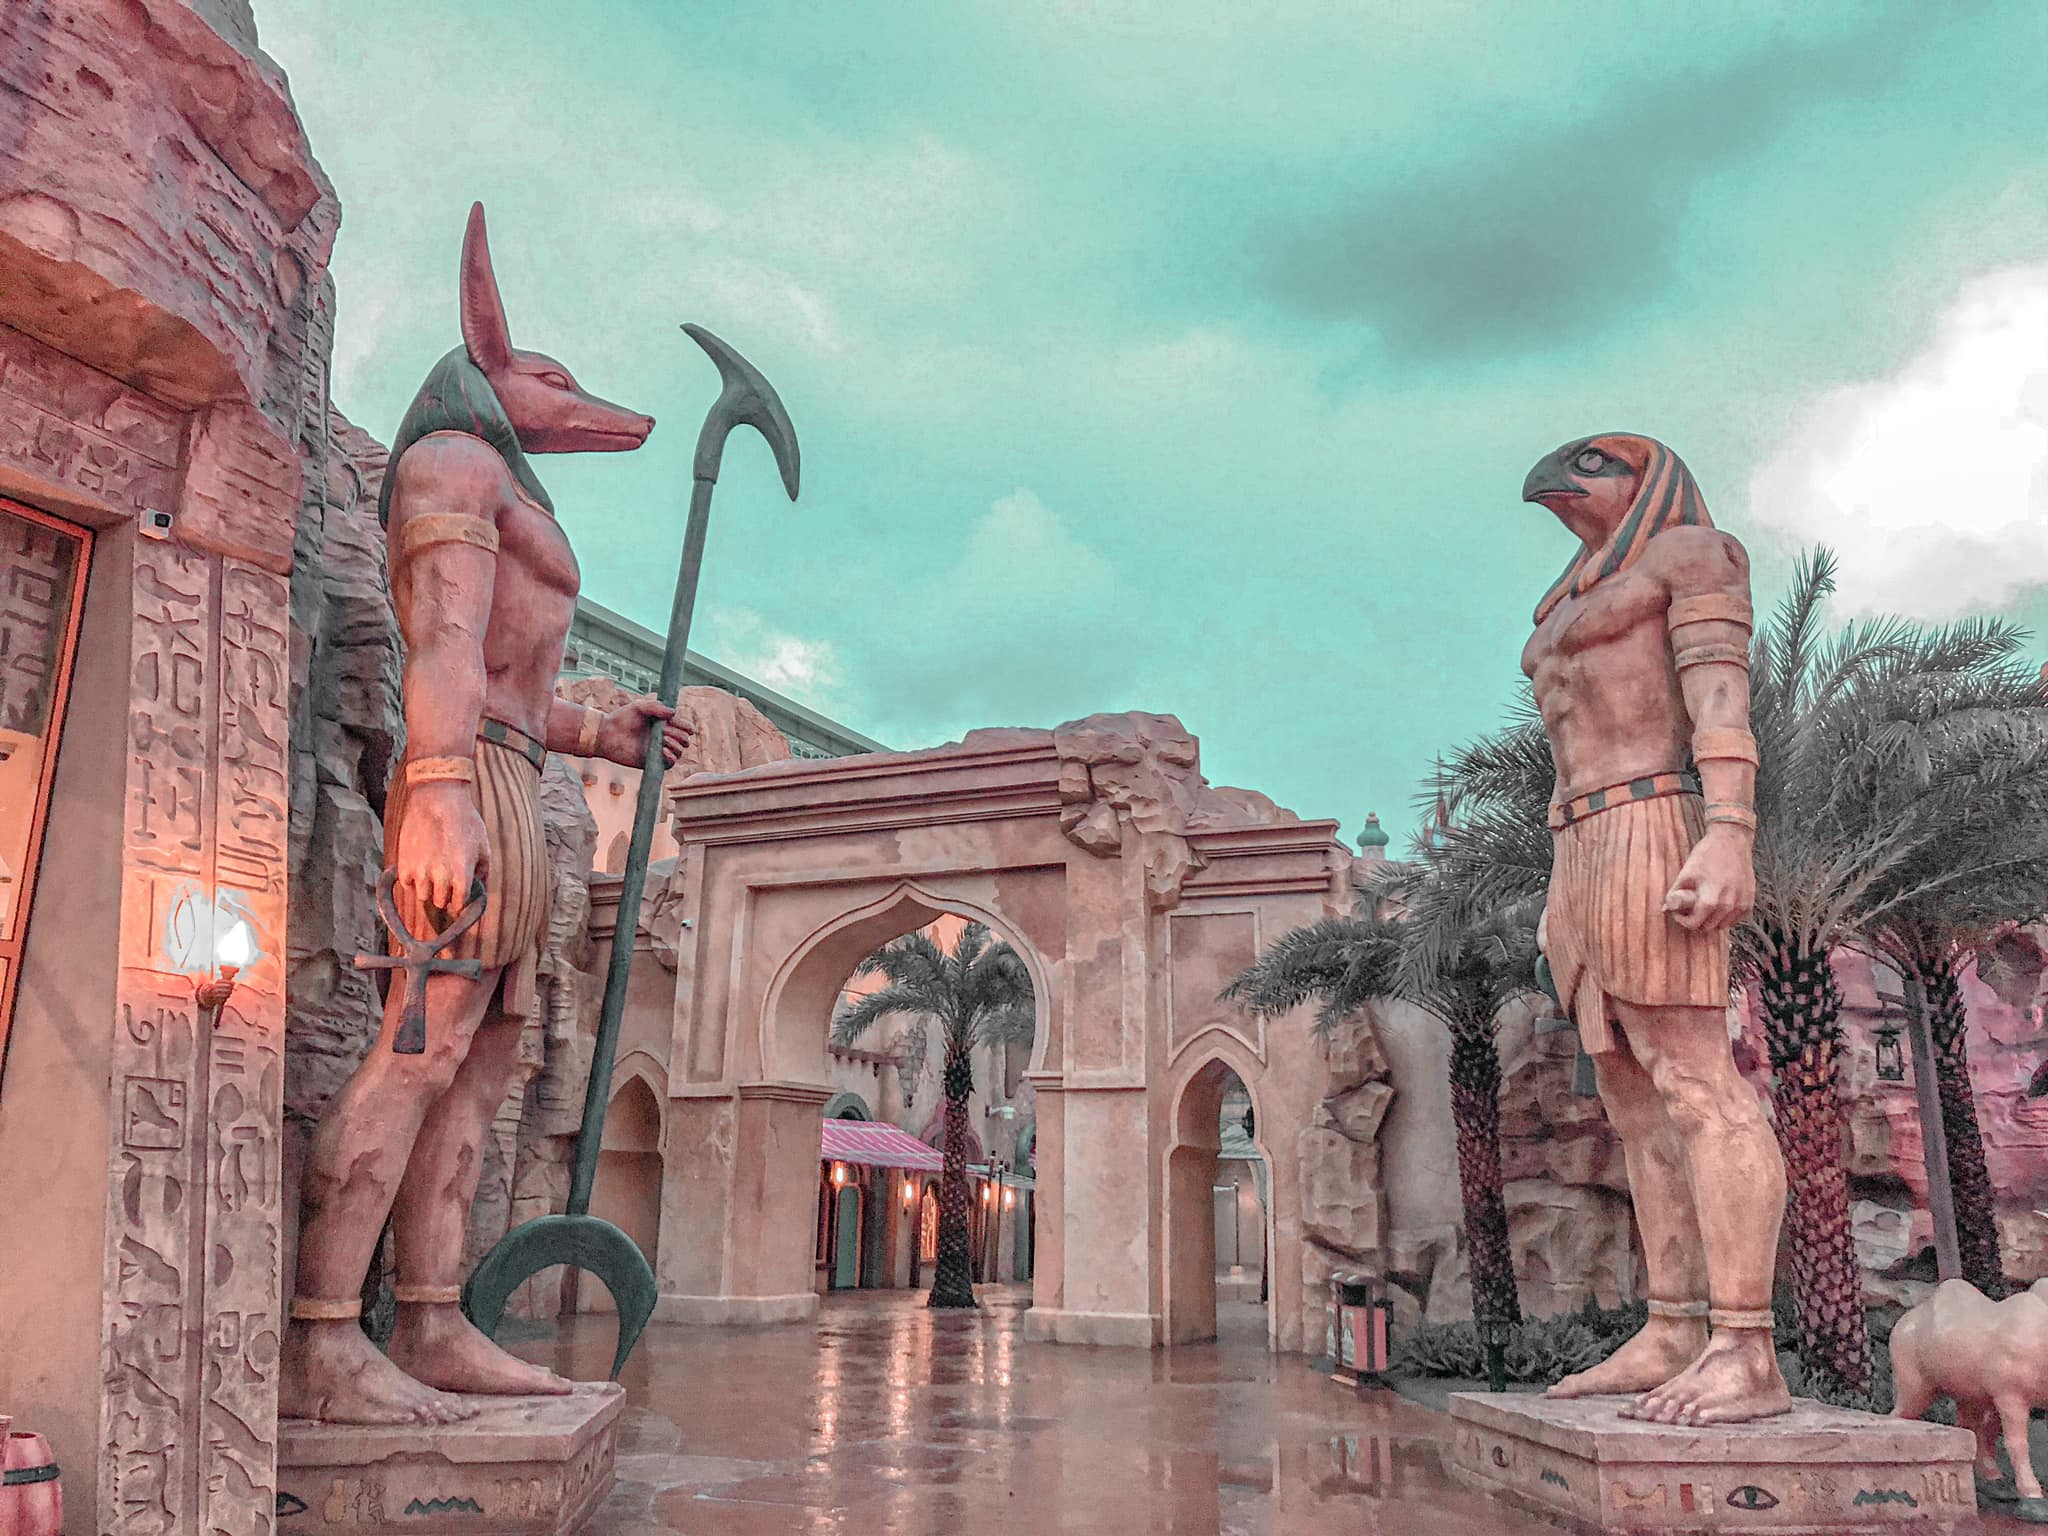 Tour du lịch Phú Quốc từ Hải Phòng: Trải nghiệm thiên đường nghỉ dưỡng số một Việt Nam - Ảnh 24.